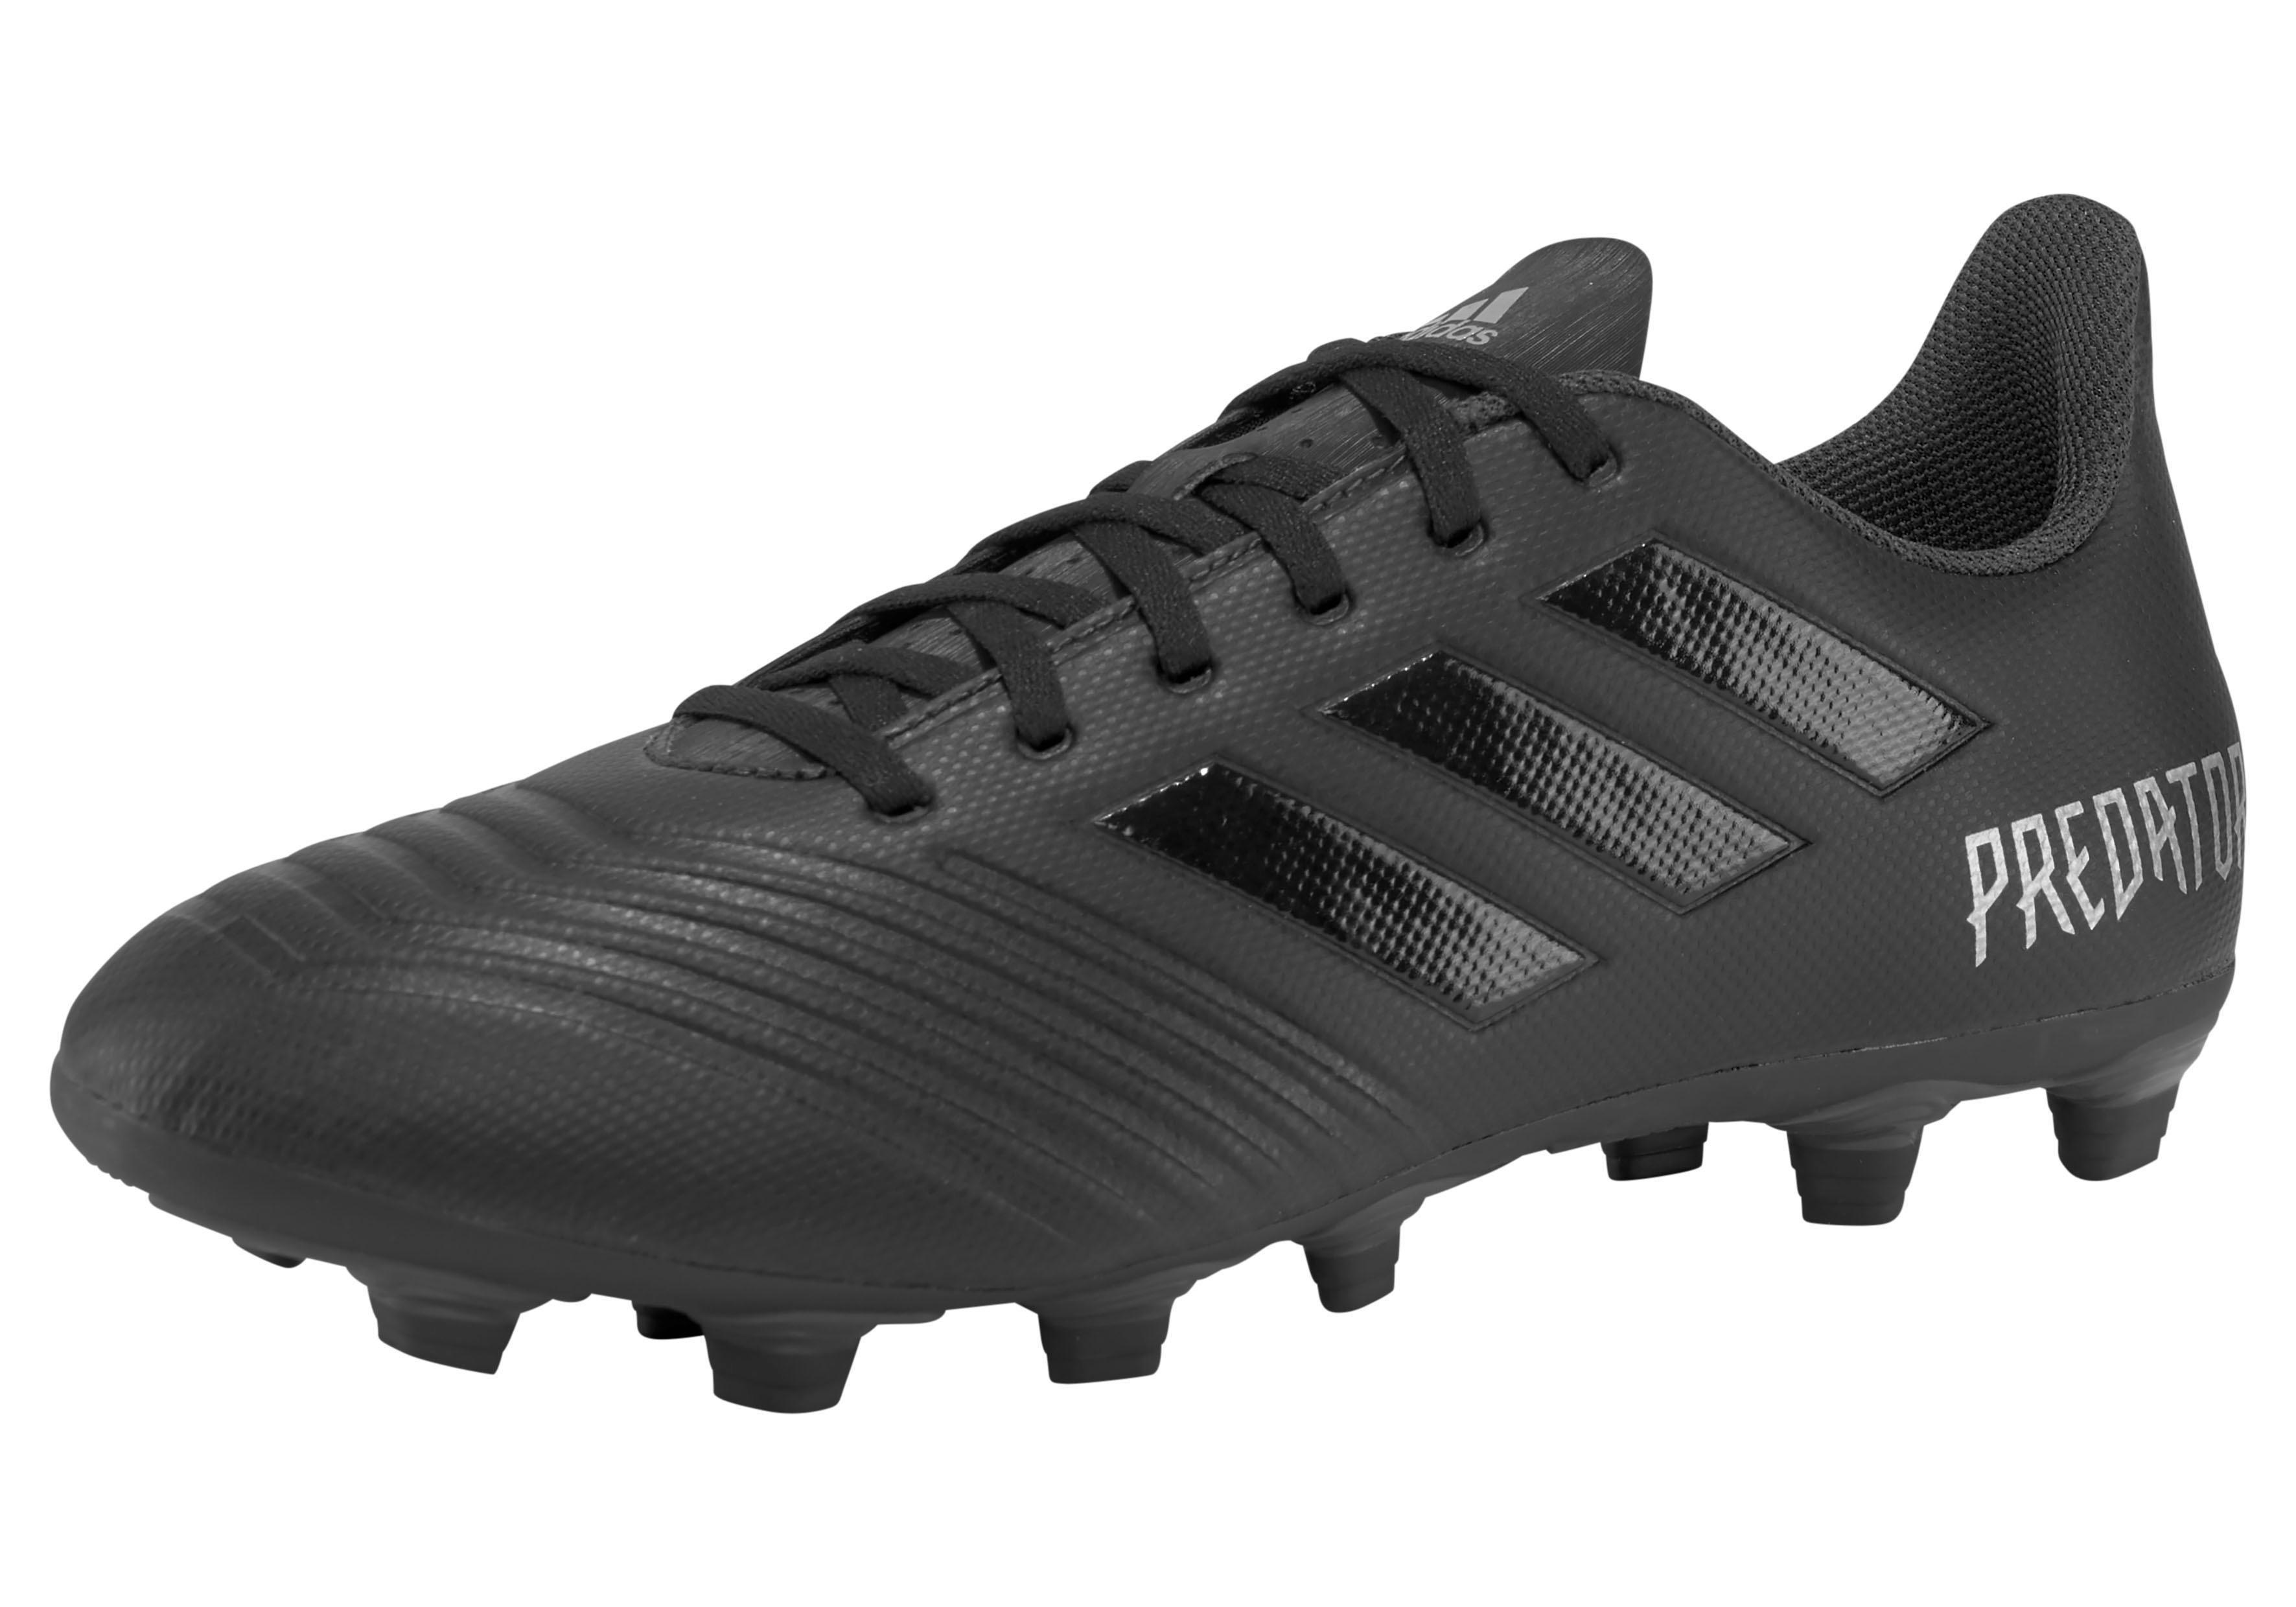 adidas Performance voetbalschoenen »PREDATOR 19.4 FxG« voordelig en veilig online kopen